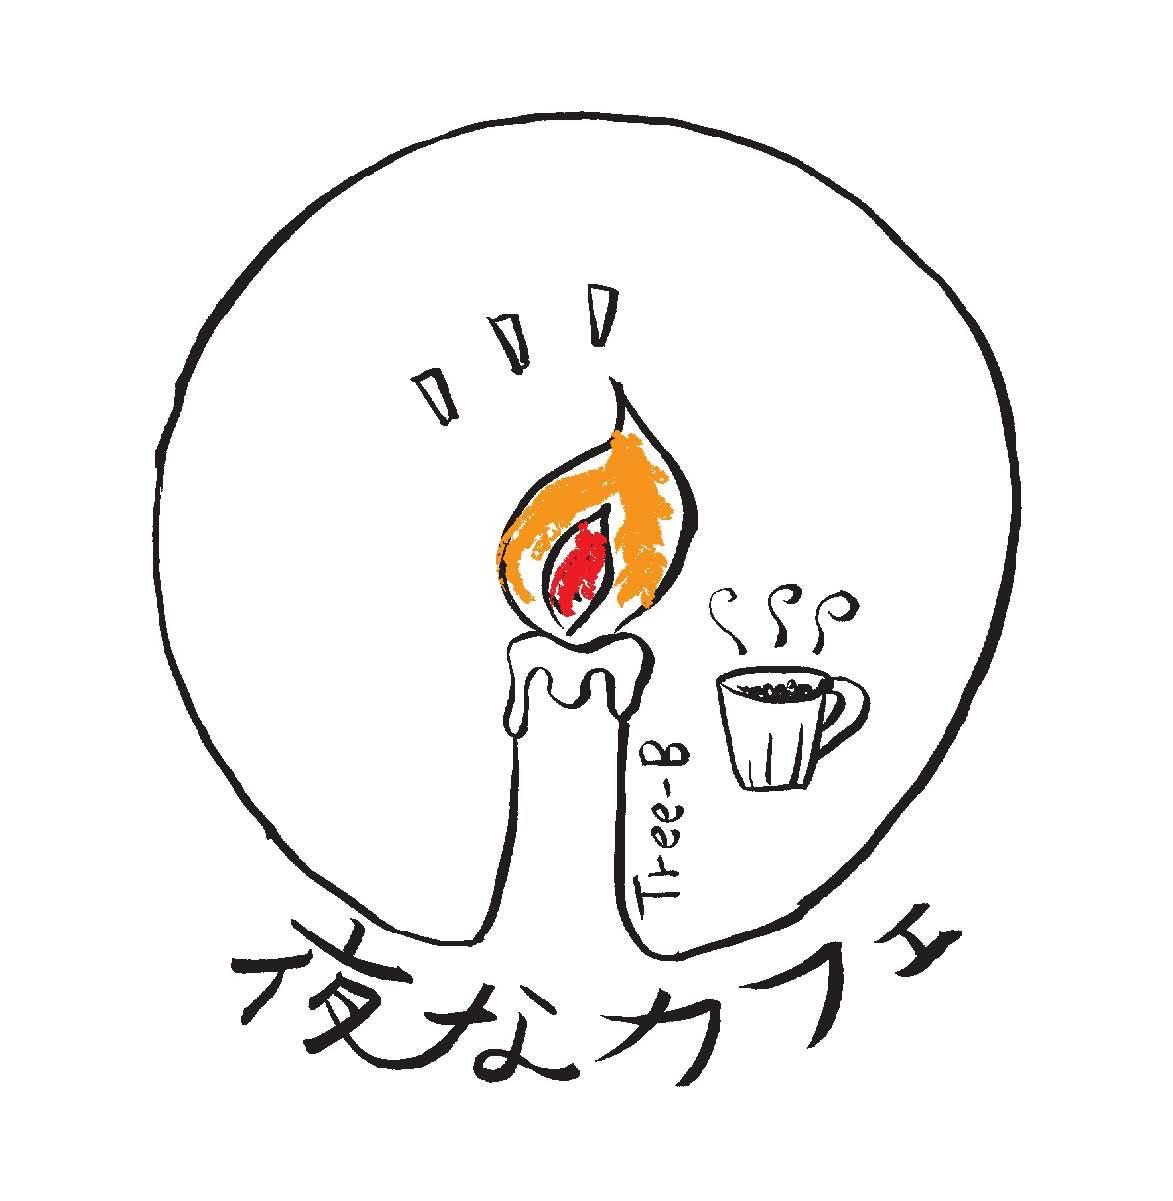 夜なカフェと7月の『おうちのこと考えよう!』 住宅相談会のお知らせです。_a0076877_18570903.jpg